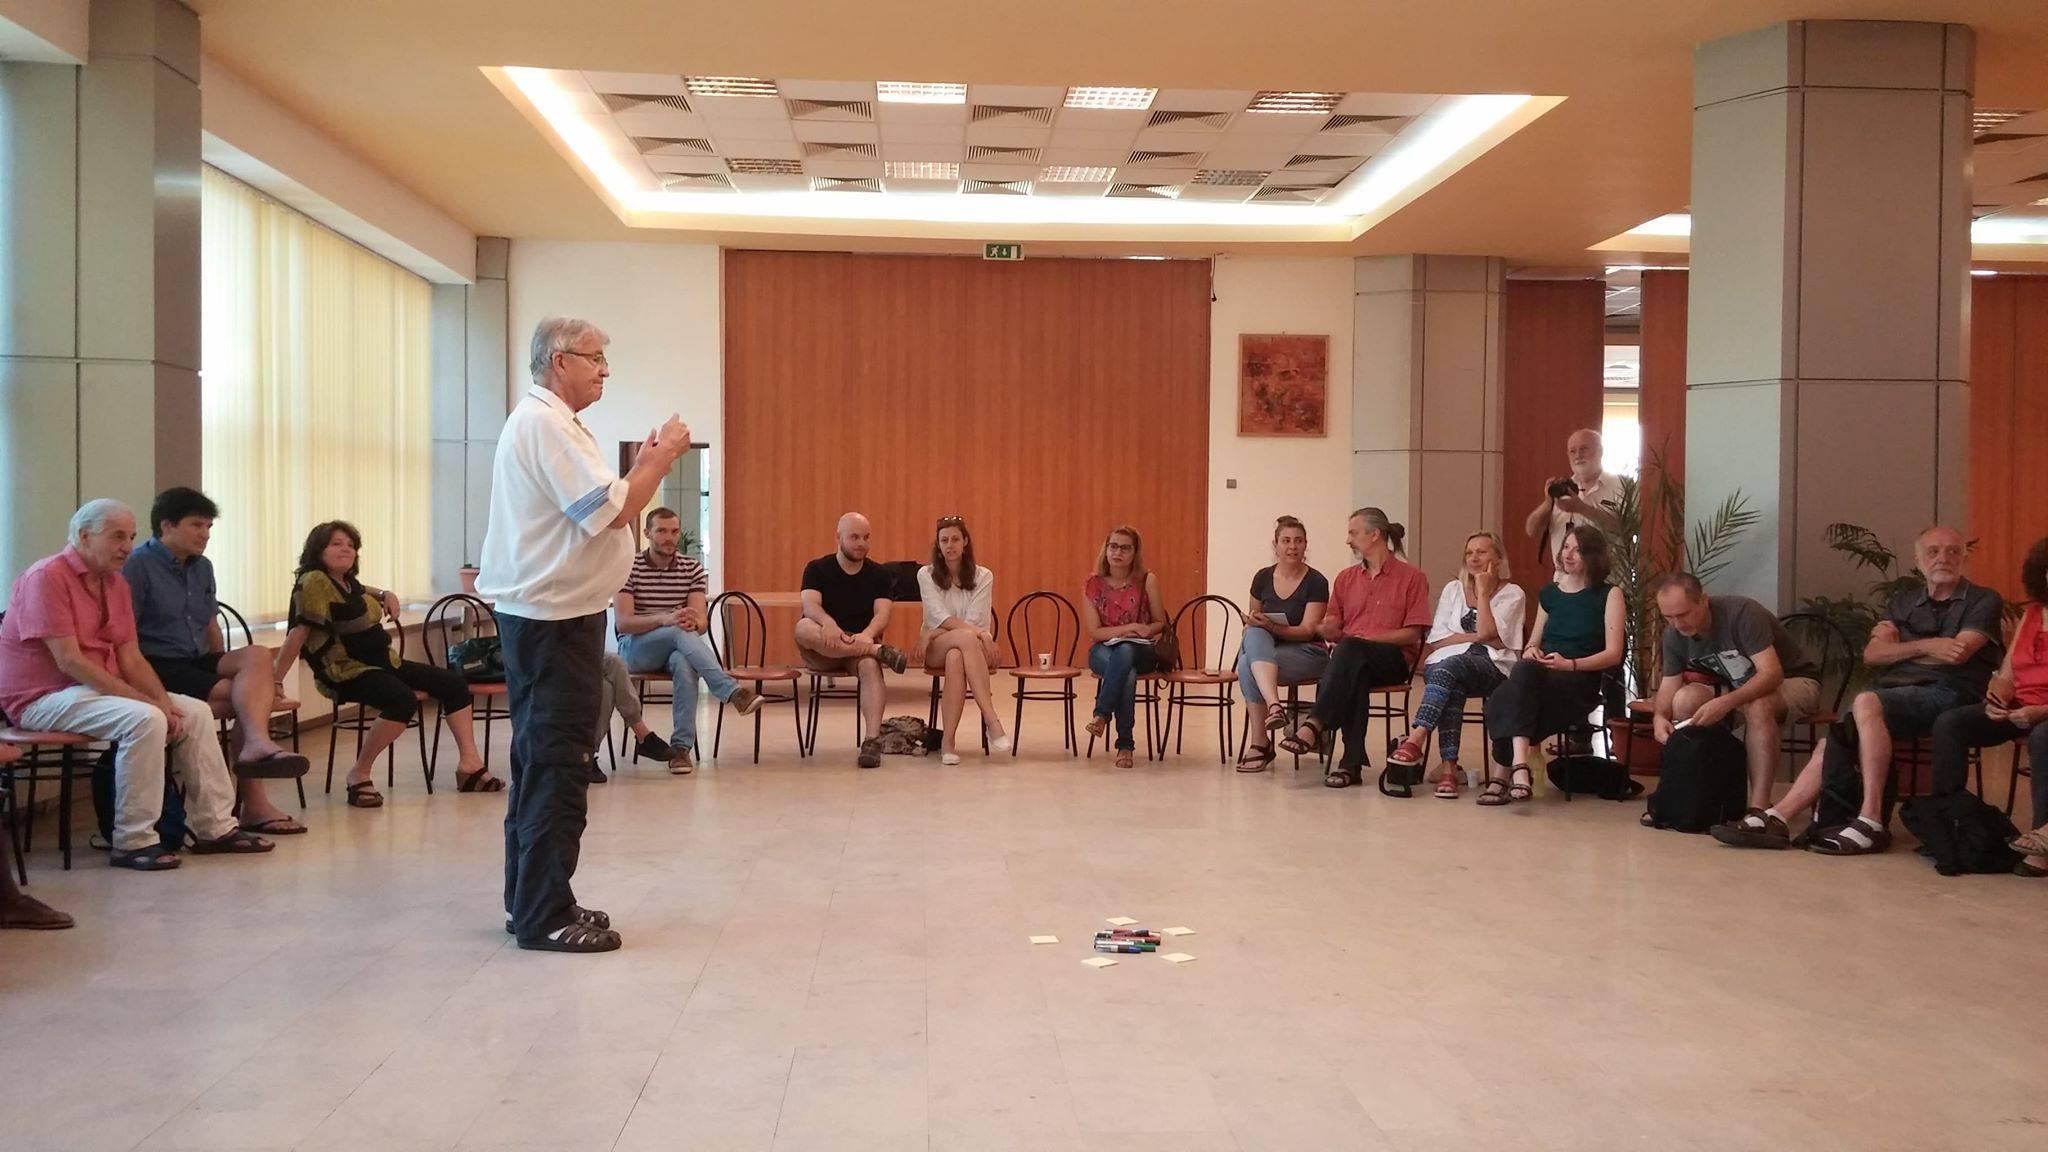 Întâlnire pentru educație nouă, la Mehedinți